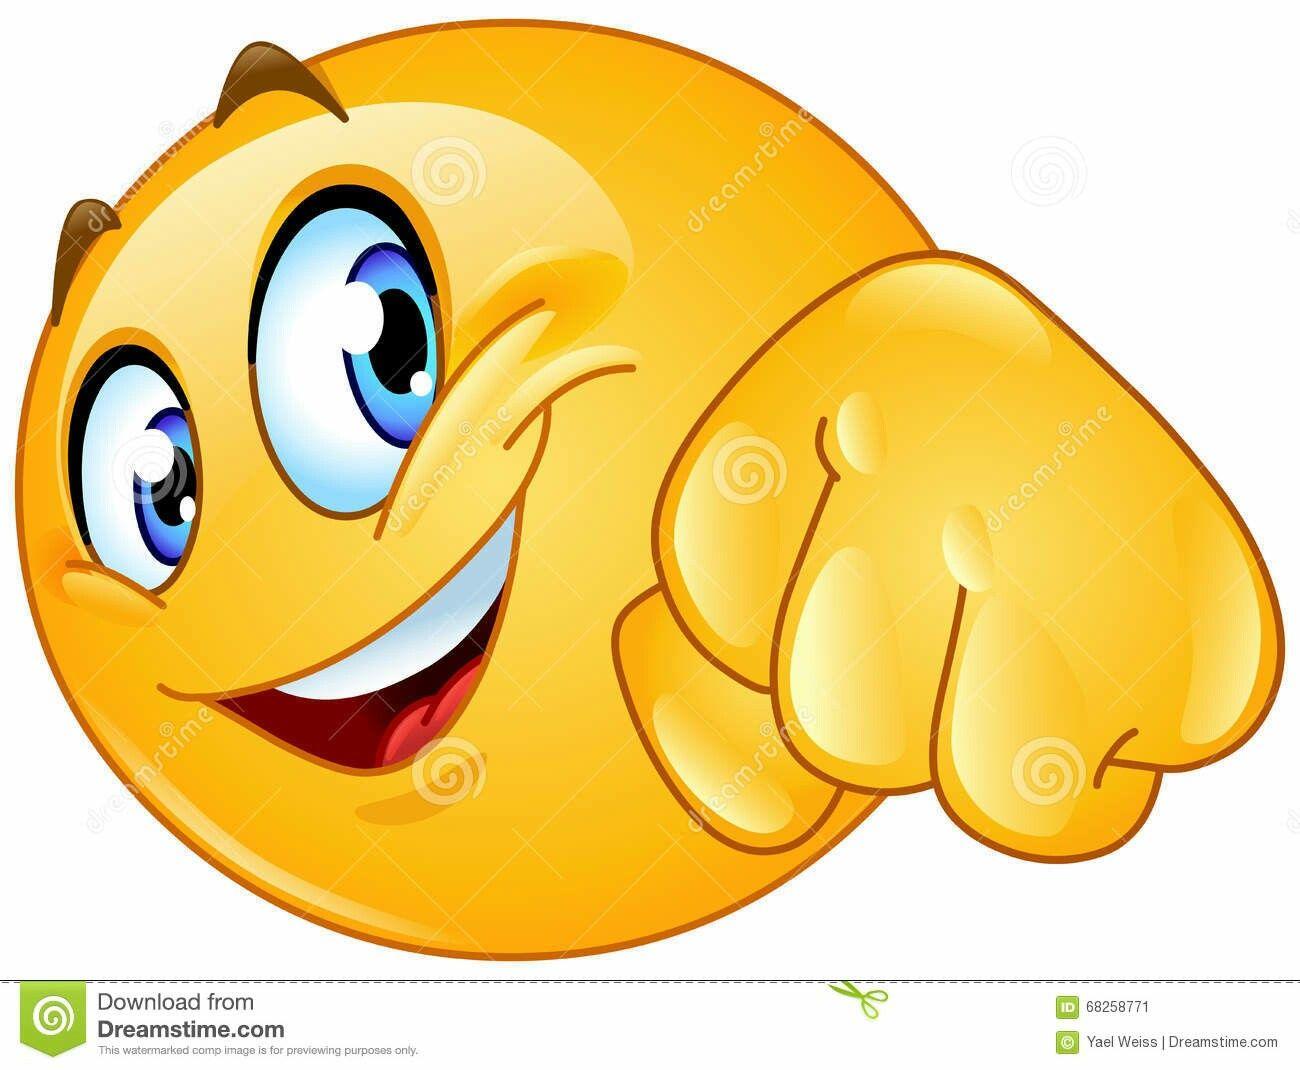 Fist bump emoji Funny emoticons, Emoji images, Emoticon